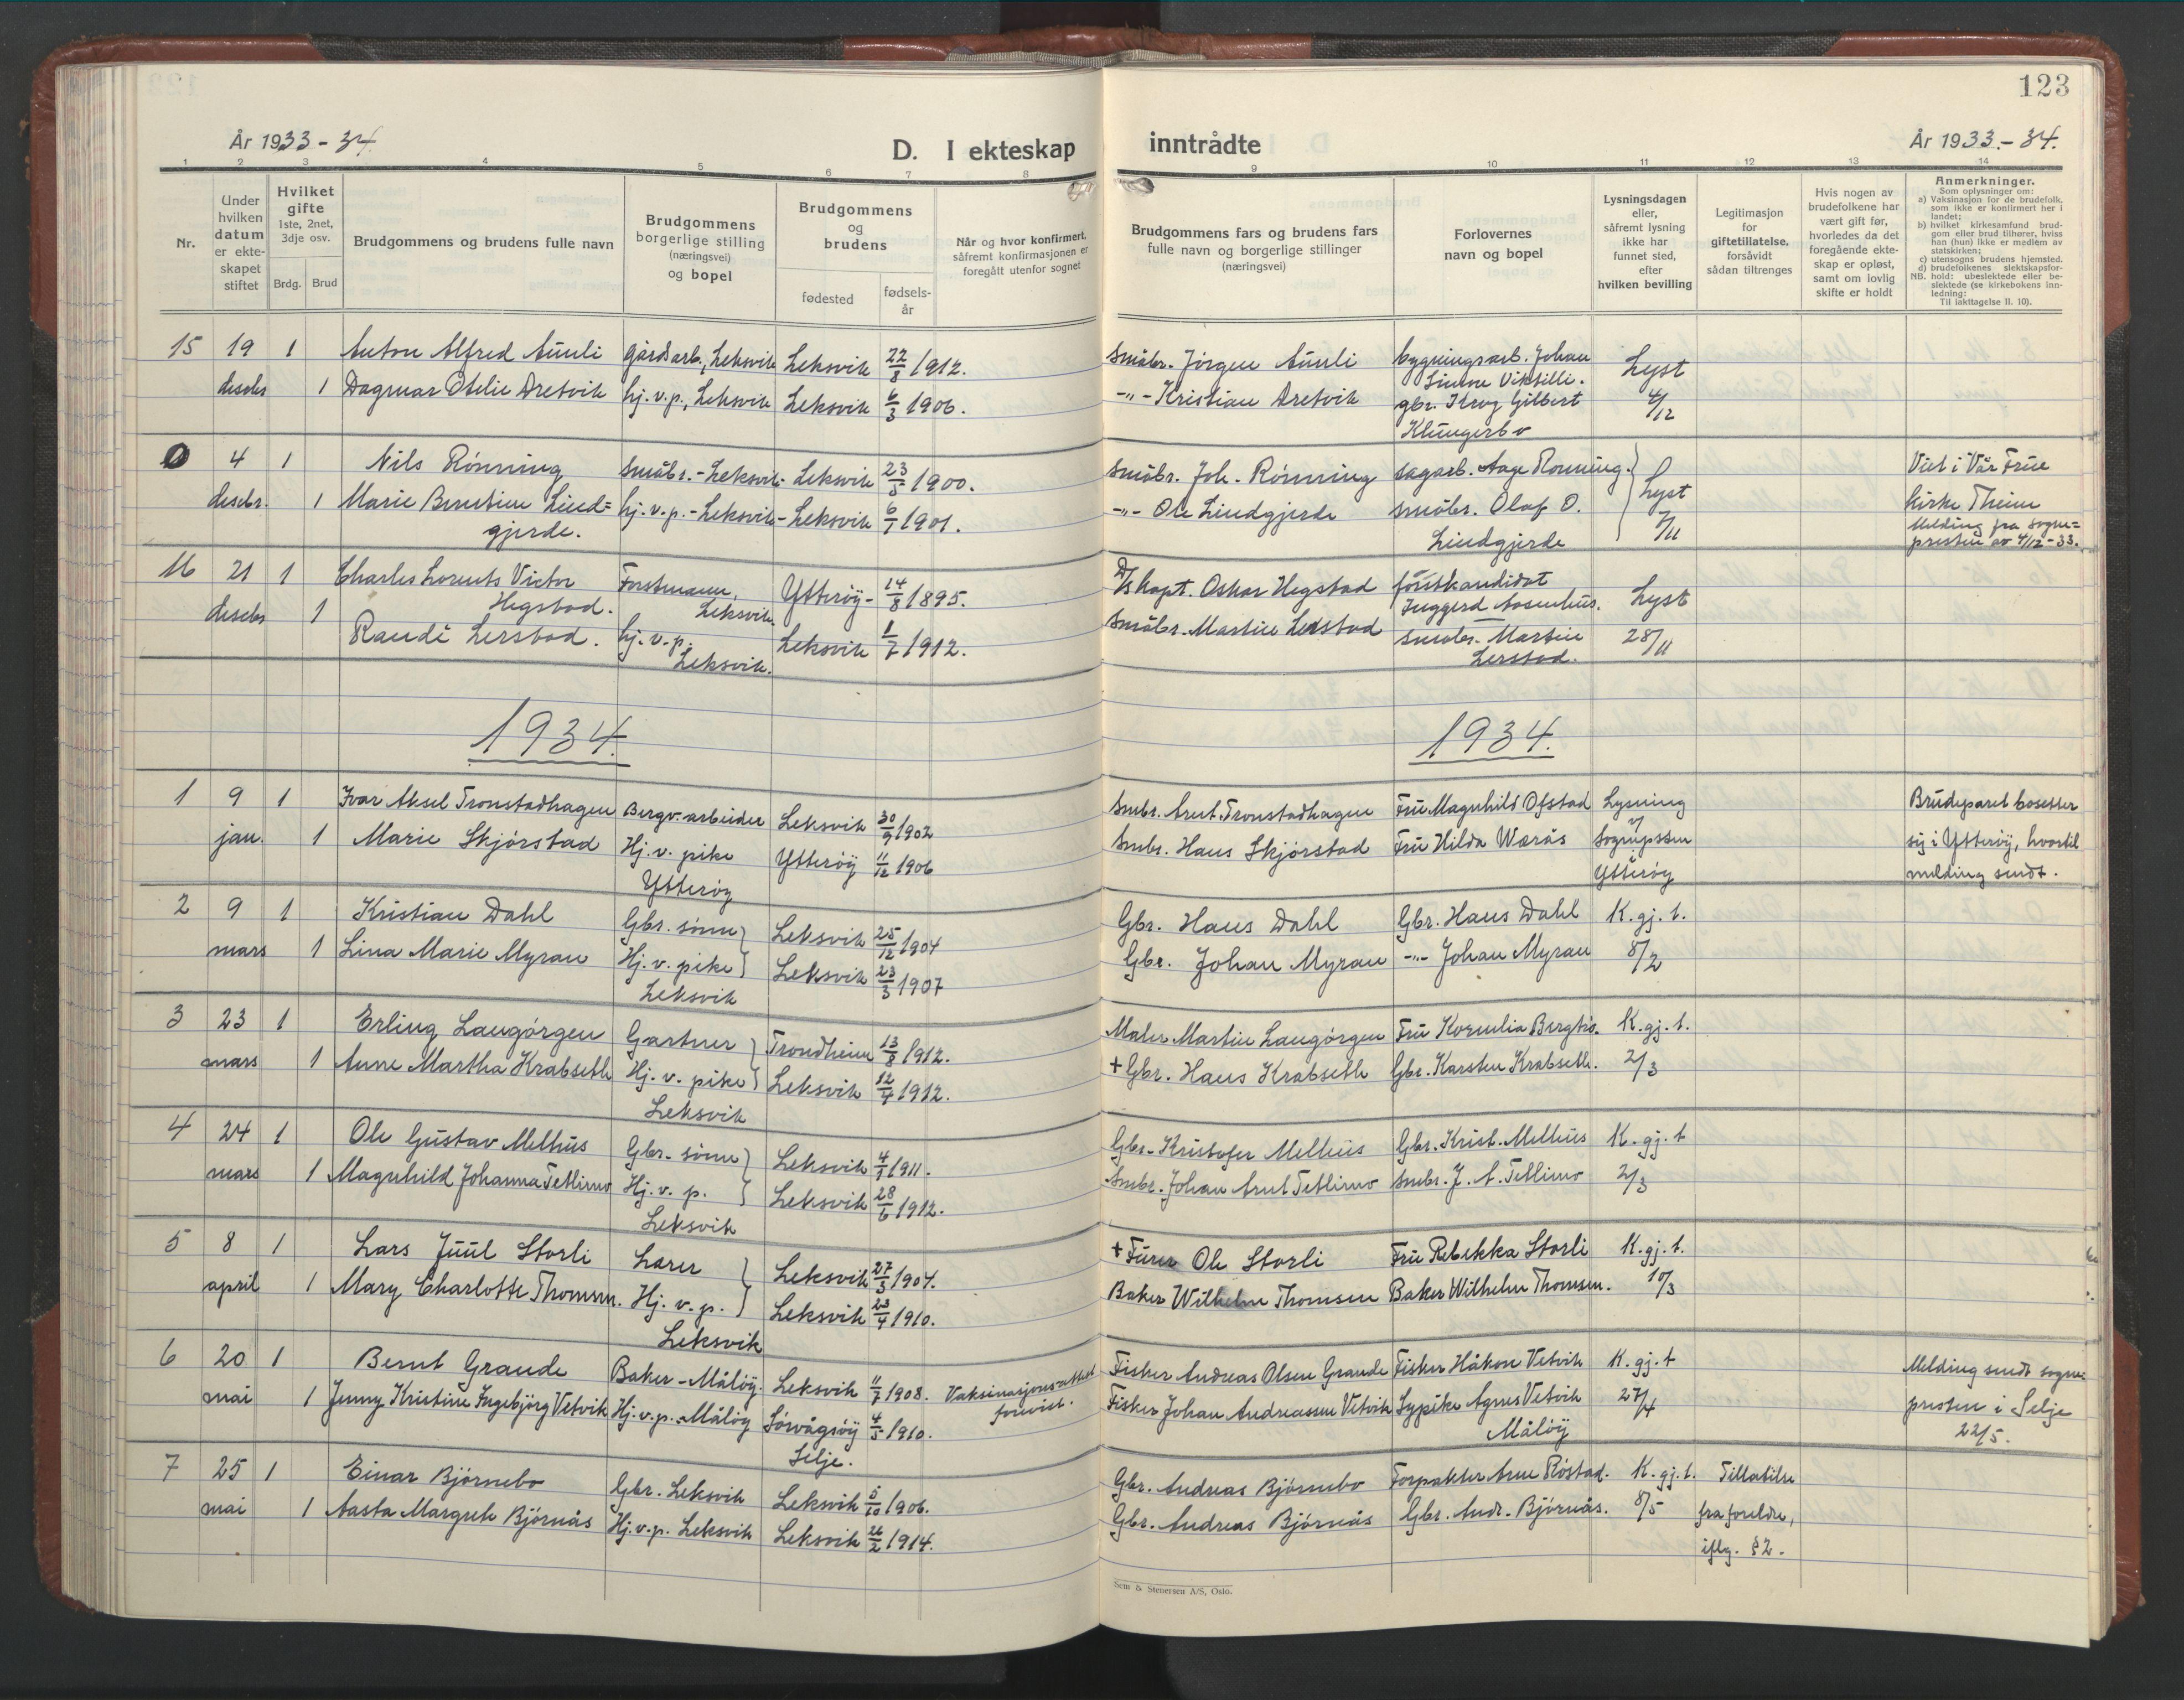 SAT, Ministerialprotokoller, klokkerbøker og fødselsregistre - Nord-Trøndelag, 701/L0019: Klokkerbok nr. 701C03, 1930-1953, s. 123